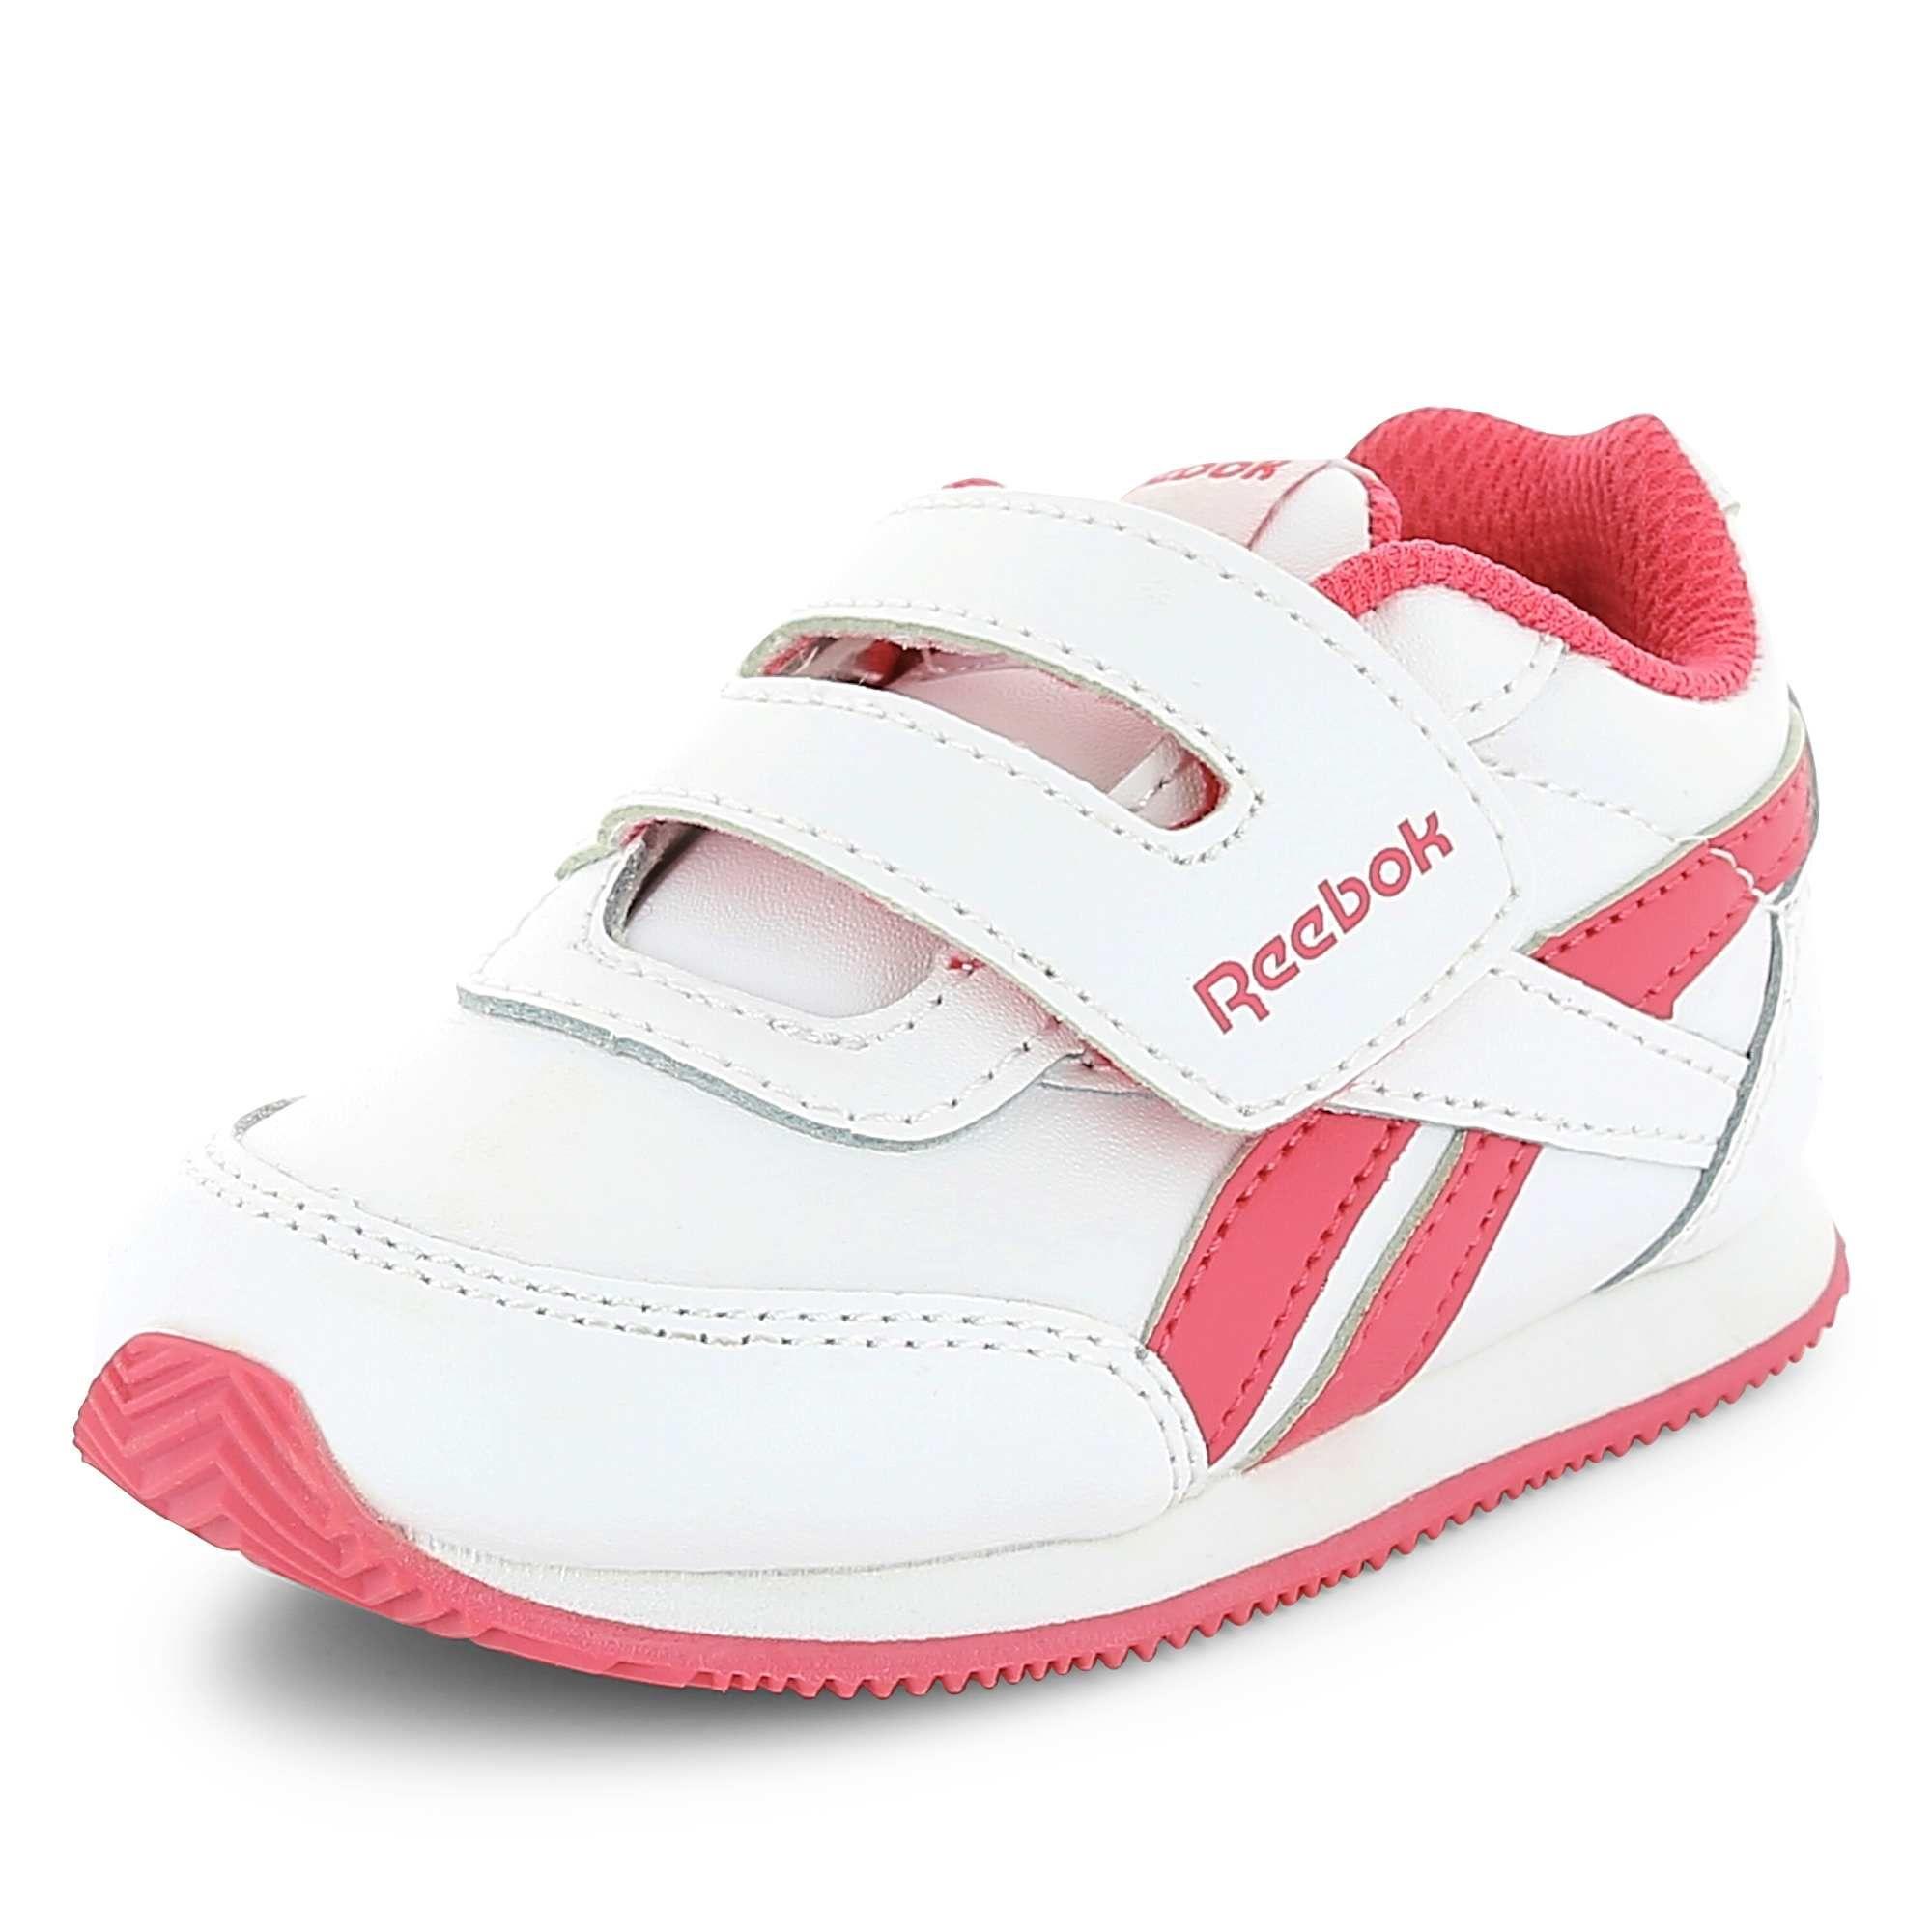 17de54191 Zapatillas deportivas  Reebok  Infantil niña - Kiabi - 30